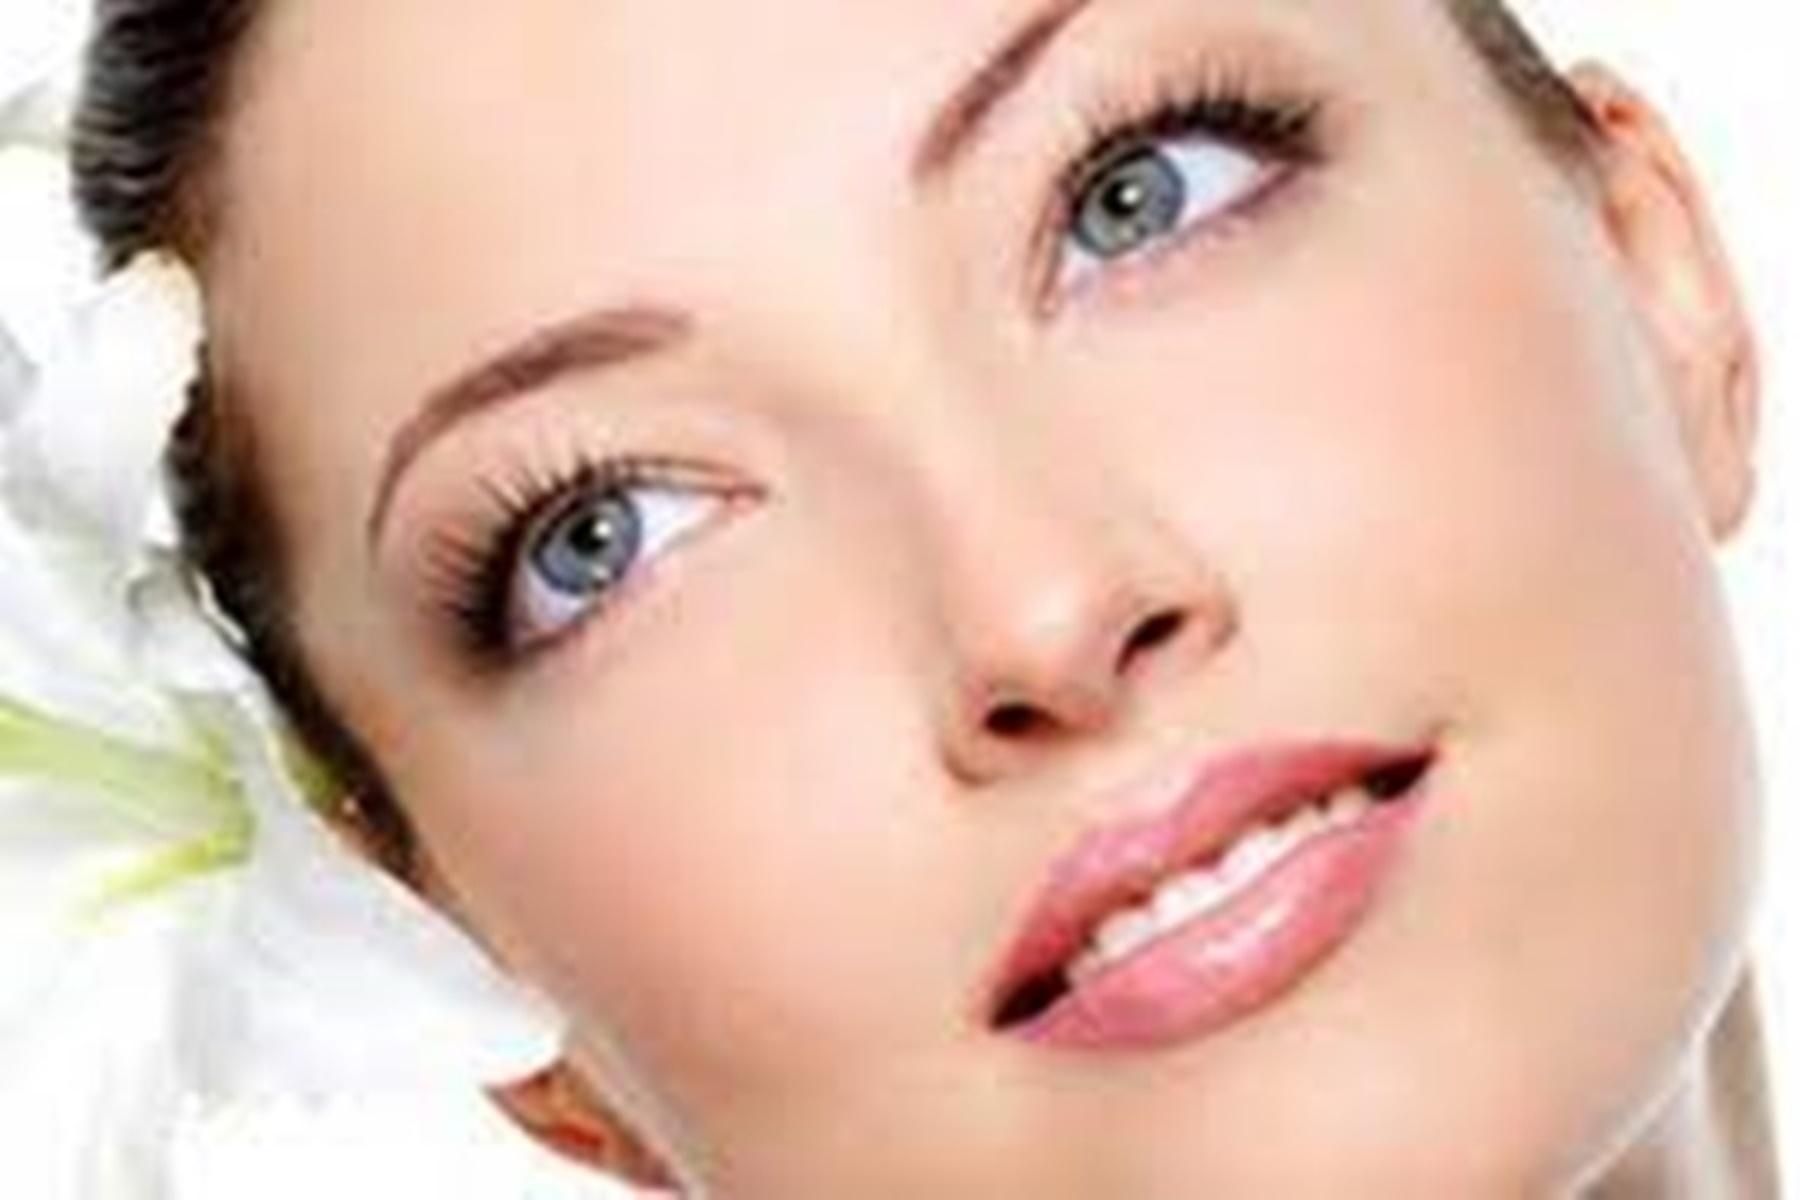 Σεξουαλική δραστηριότητα : Κάνει το δέρμα σας να λάμπει